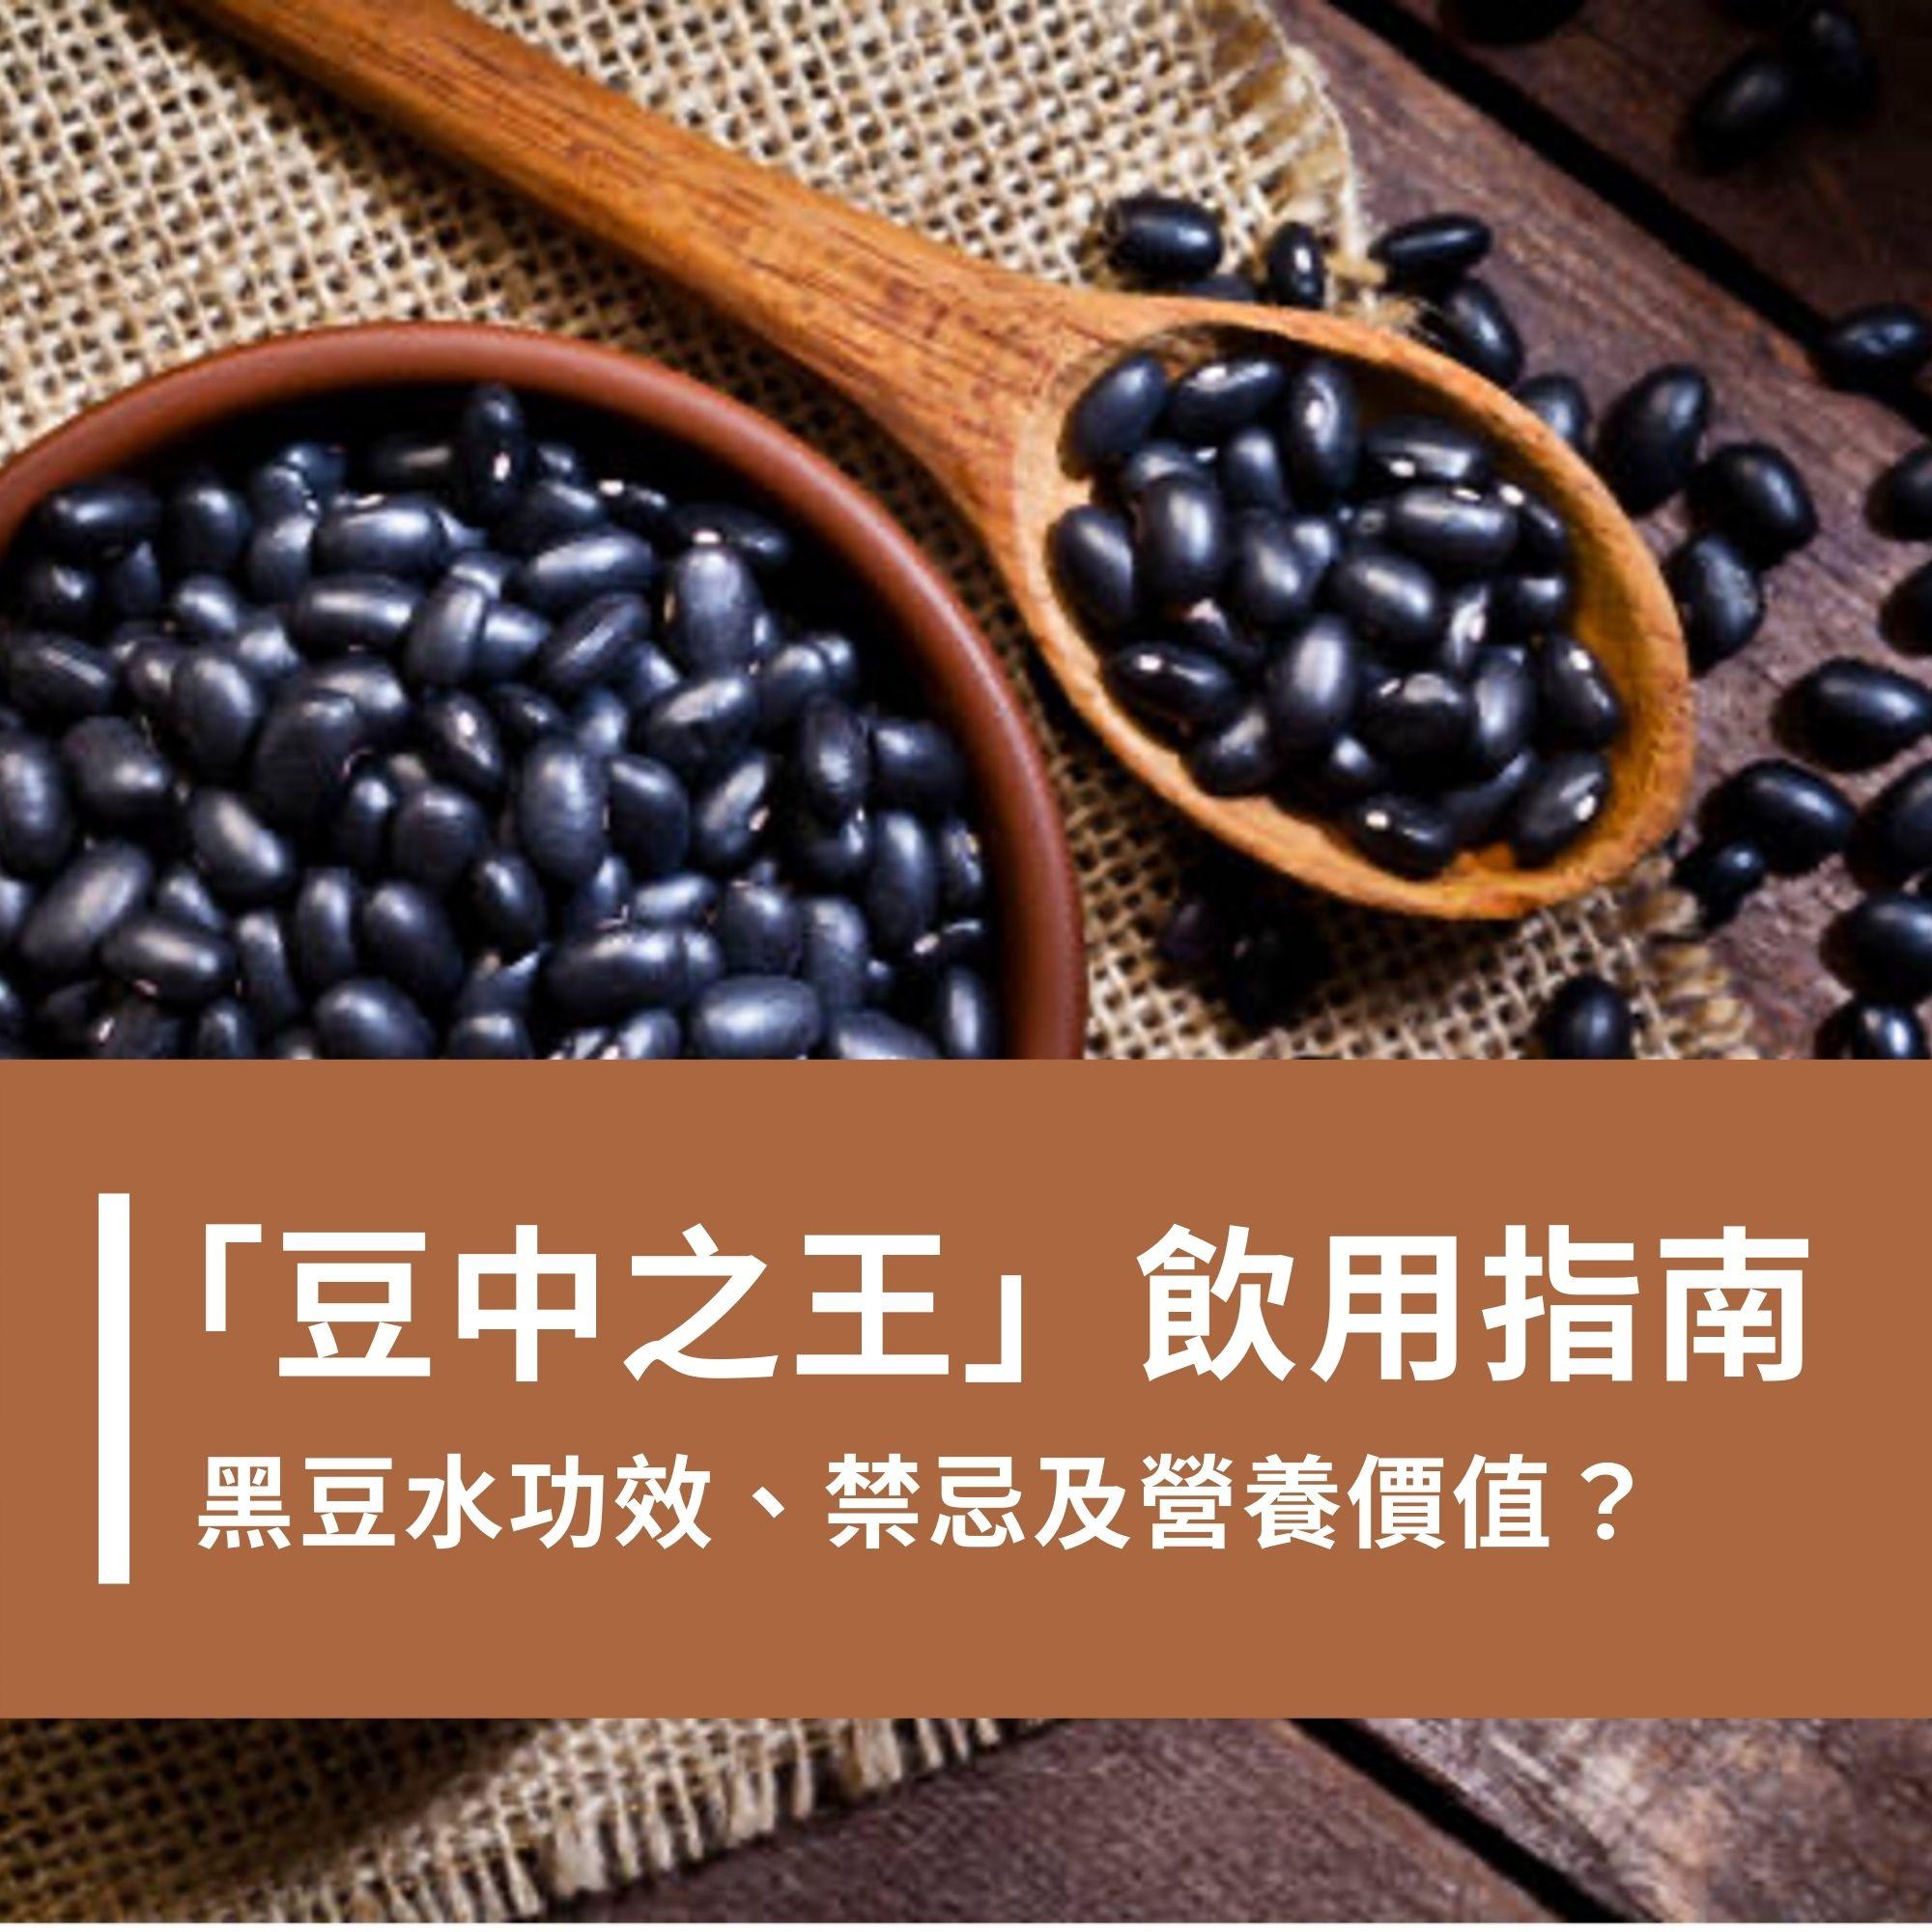 豆中之王?「黑豆水」飲用指南:功效、禁忌、營養價值